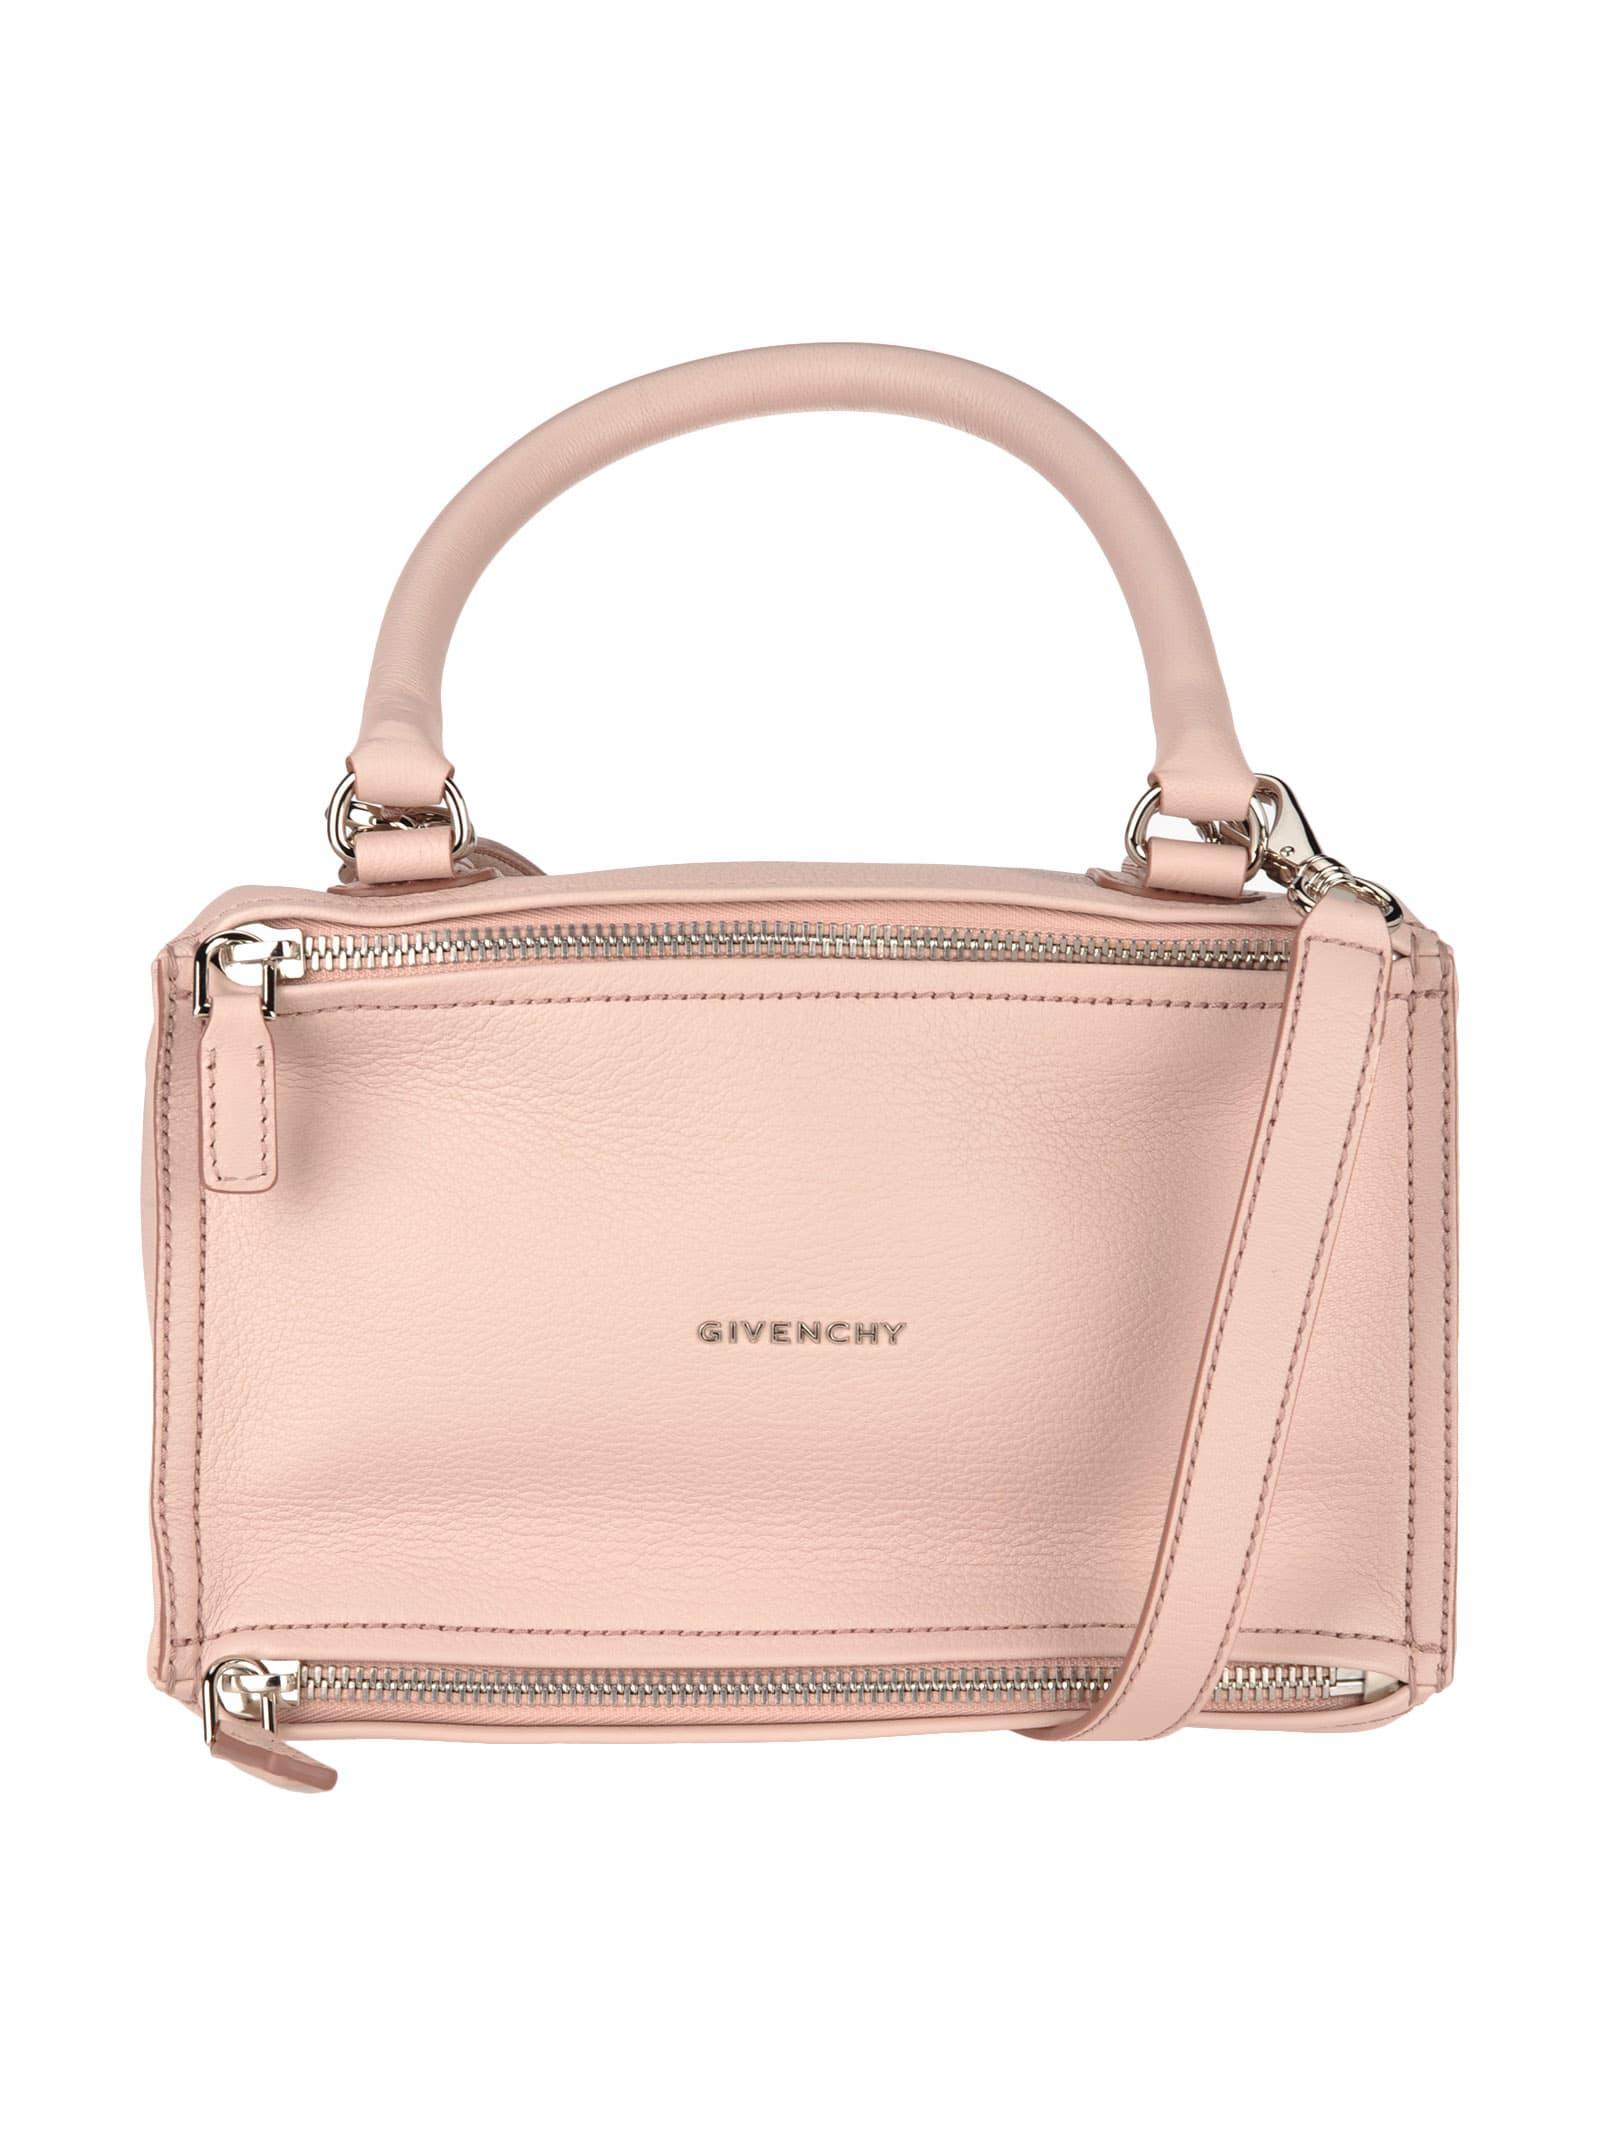 Givenchy Pandora Shoulder Bag In Pale Pink